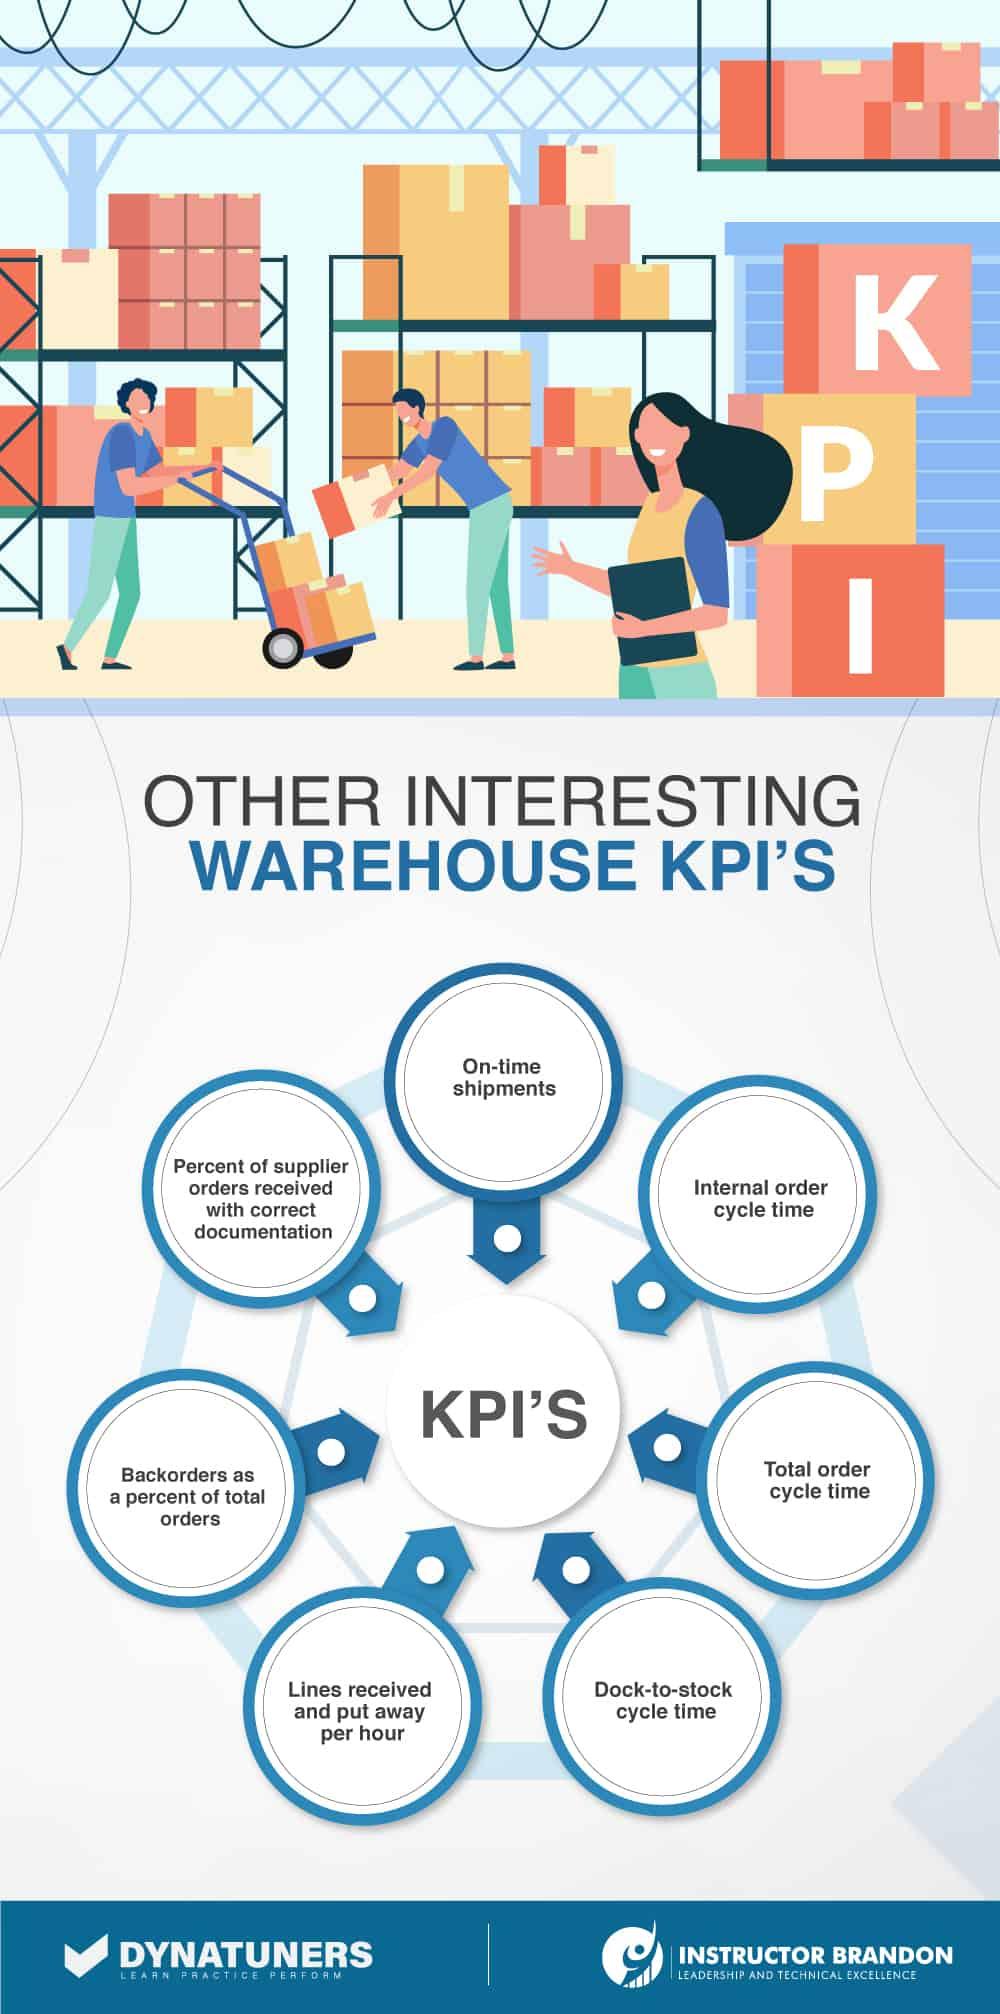 warehousing kpis